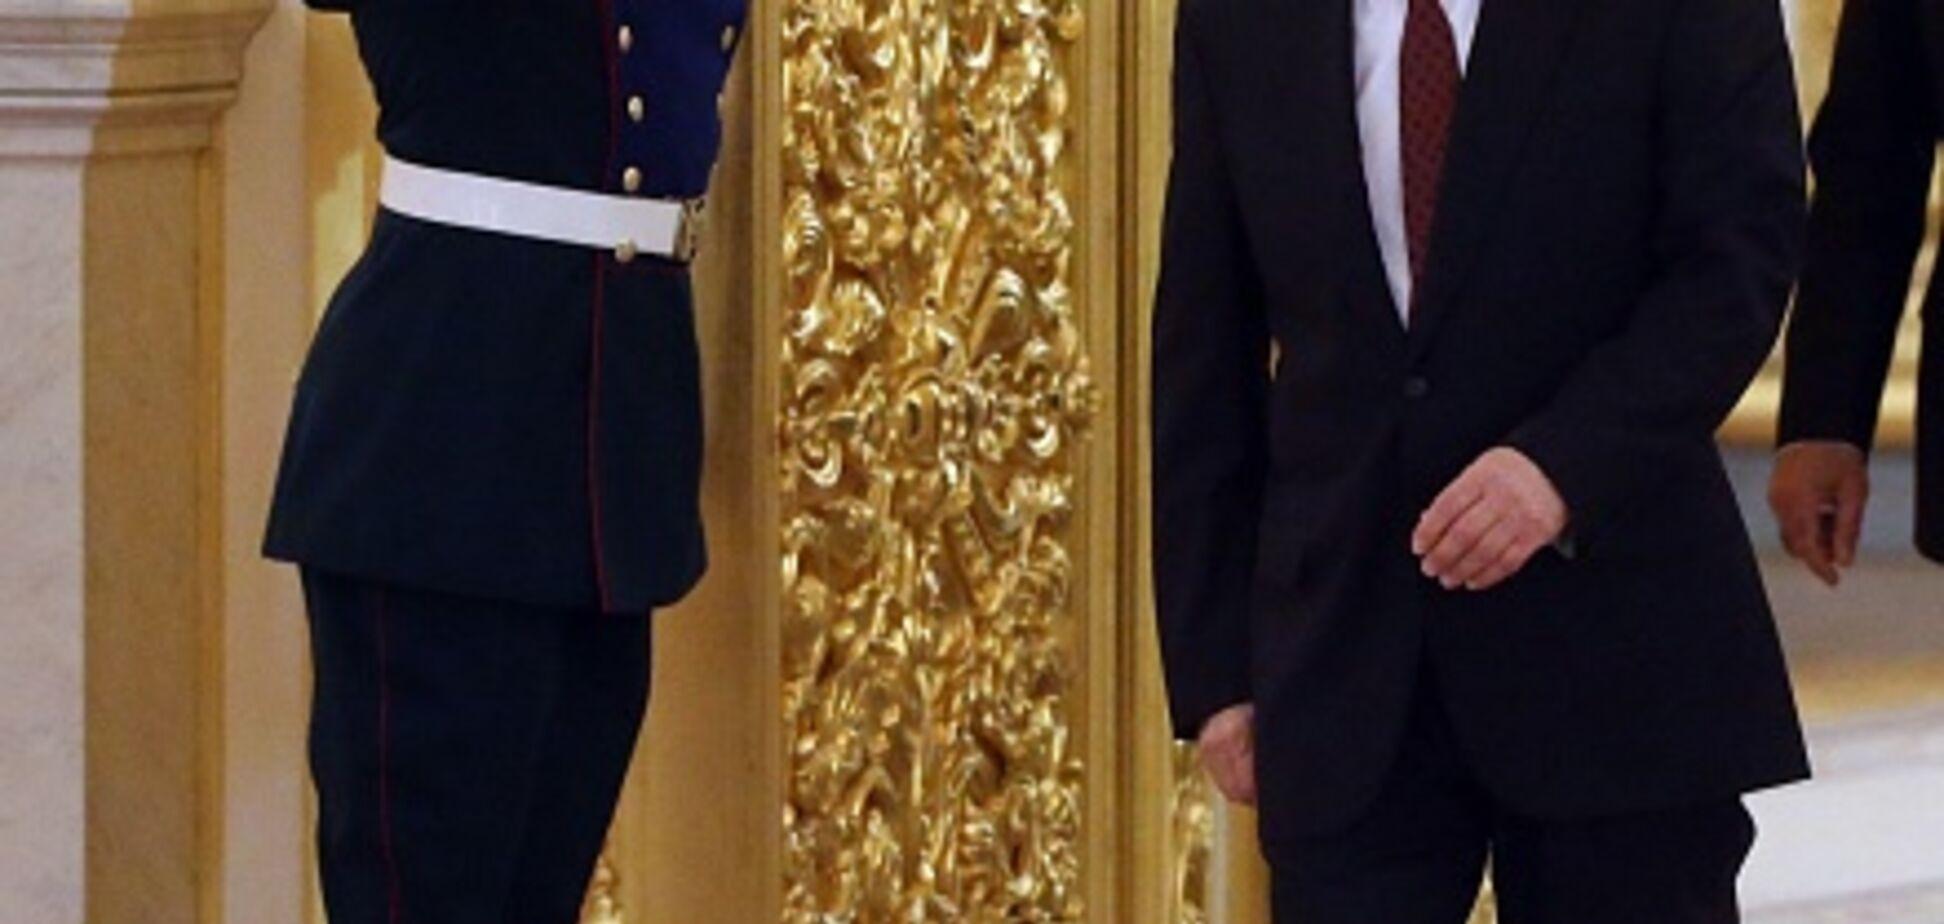 Больший абсурд, чем 'Новороссия': в ЕС раскрыли новый план Путина